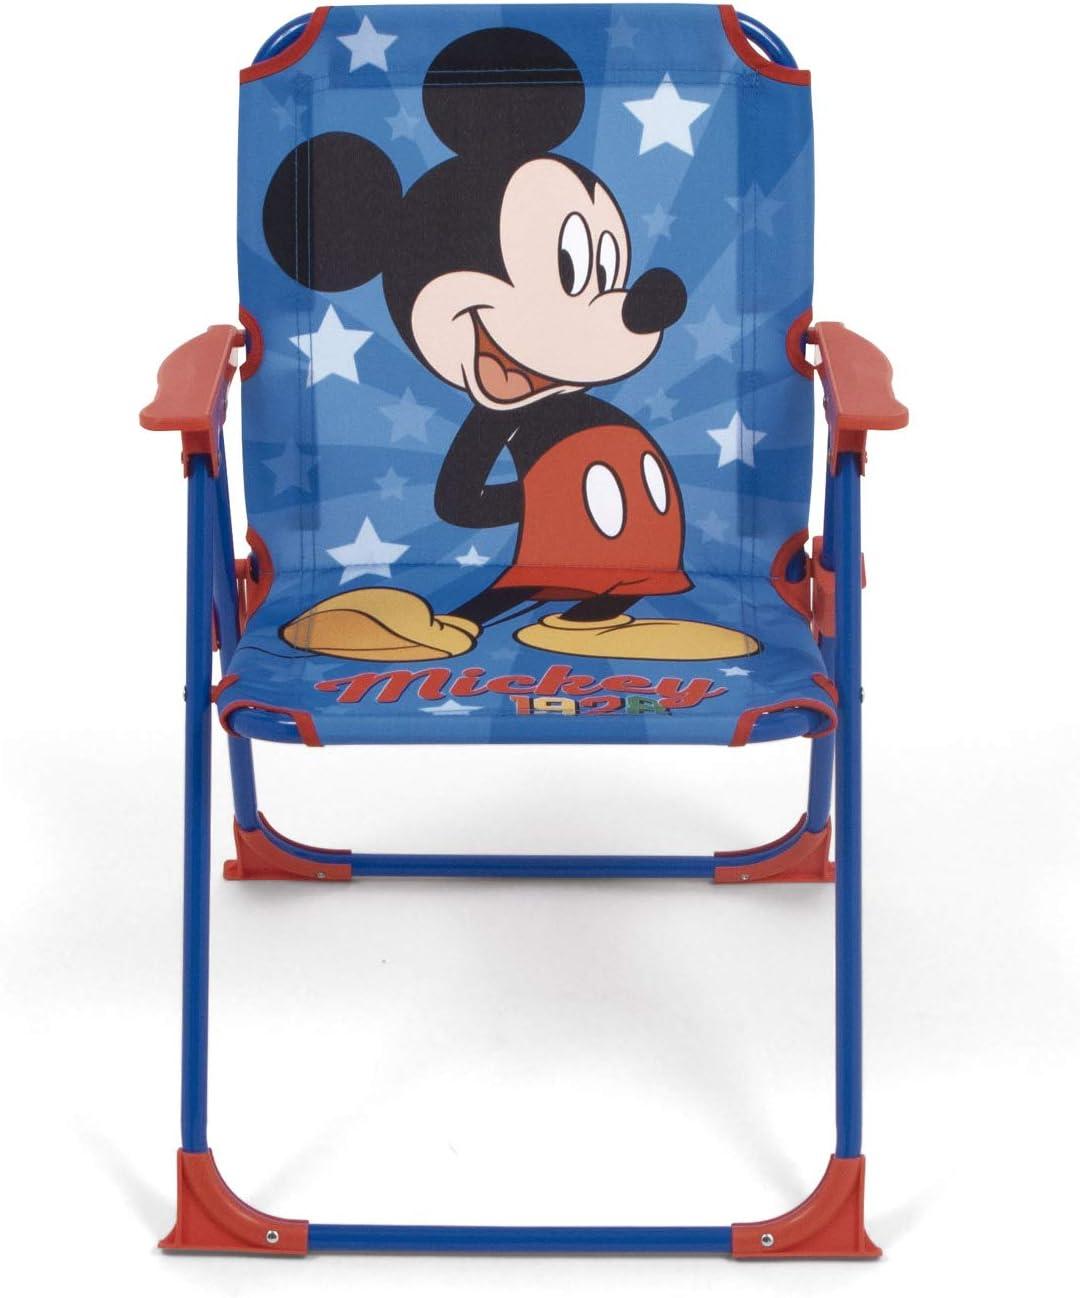 Arditex WD13249 Coussin pour le cou 28 x 28 x 6 cm de Disney Mickey